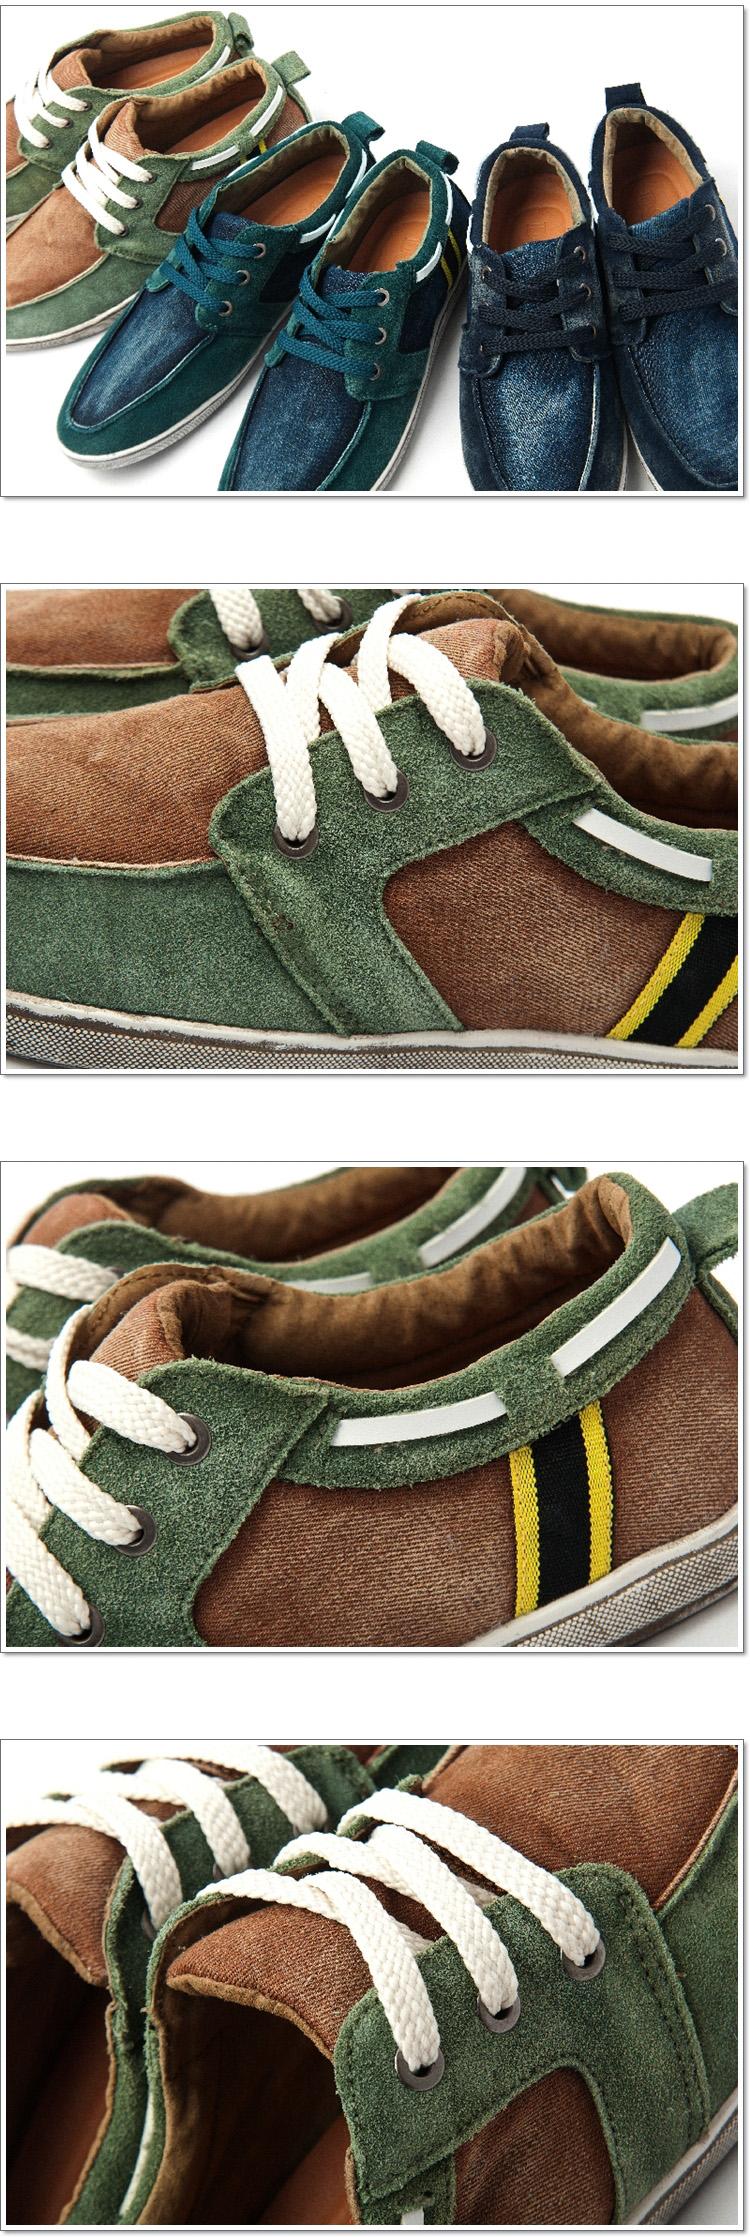 รองเท้าผู้ชาย   รองเท้าแฟชั่นชาย รองเท้าหนังกลับ แฟชั่นเกาหลี